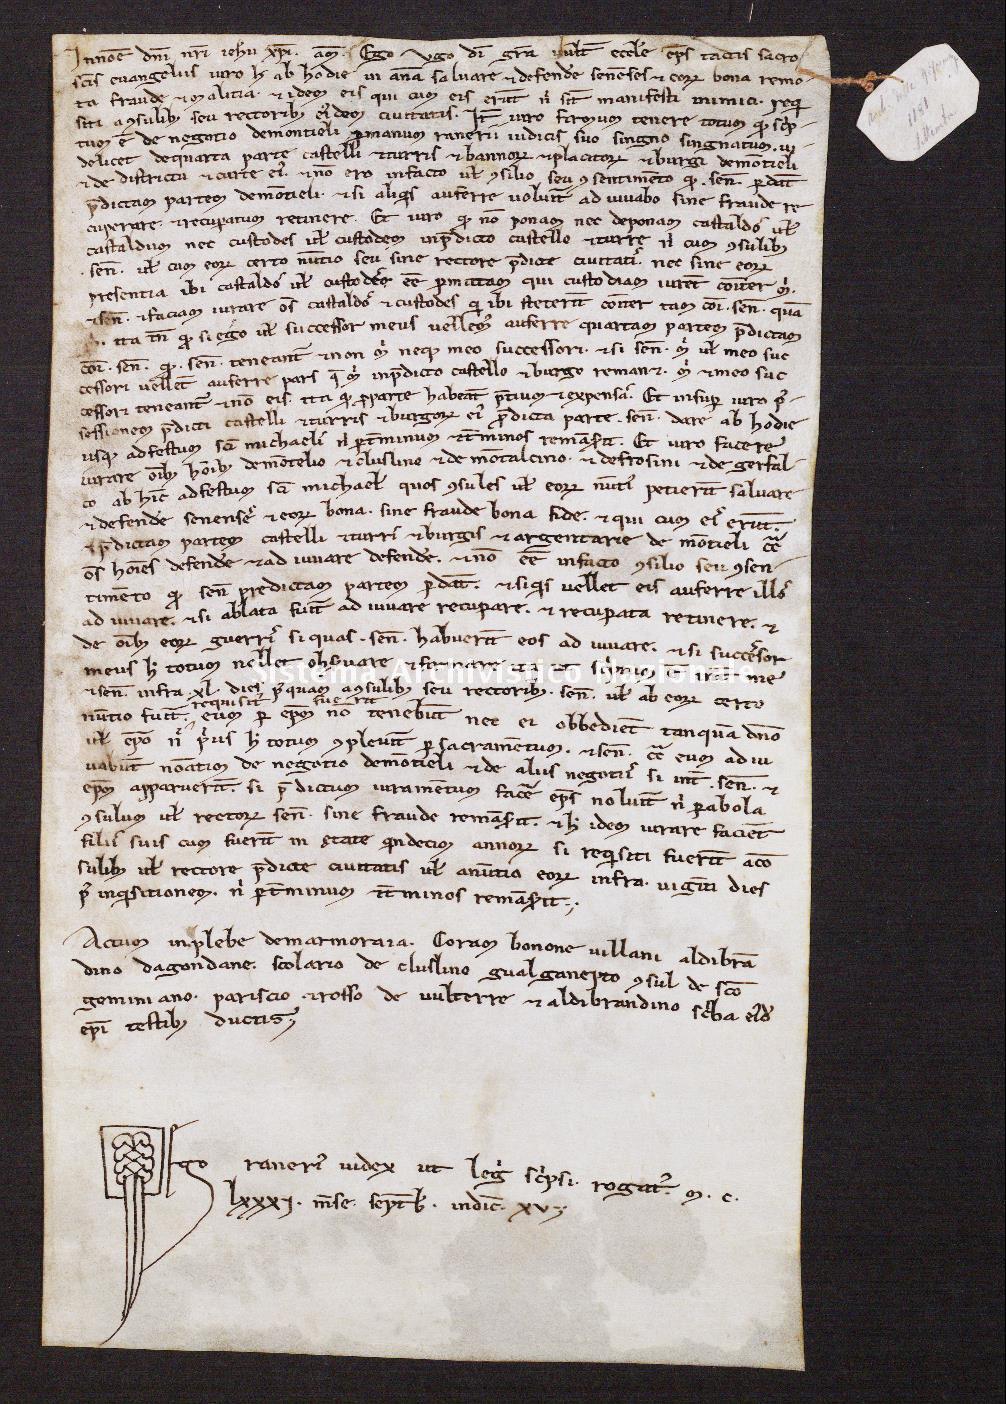 068. Archivio di Stato di SIENA, Diplomatico, Diplomatico Riformagioni, Pergamena 0068 - 1181 settembre, casella 22